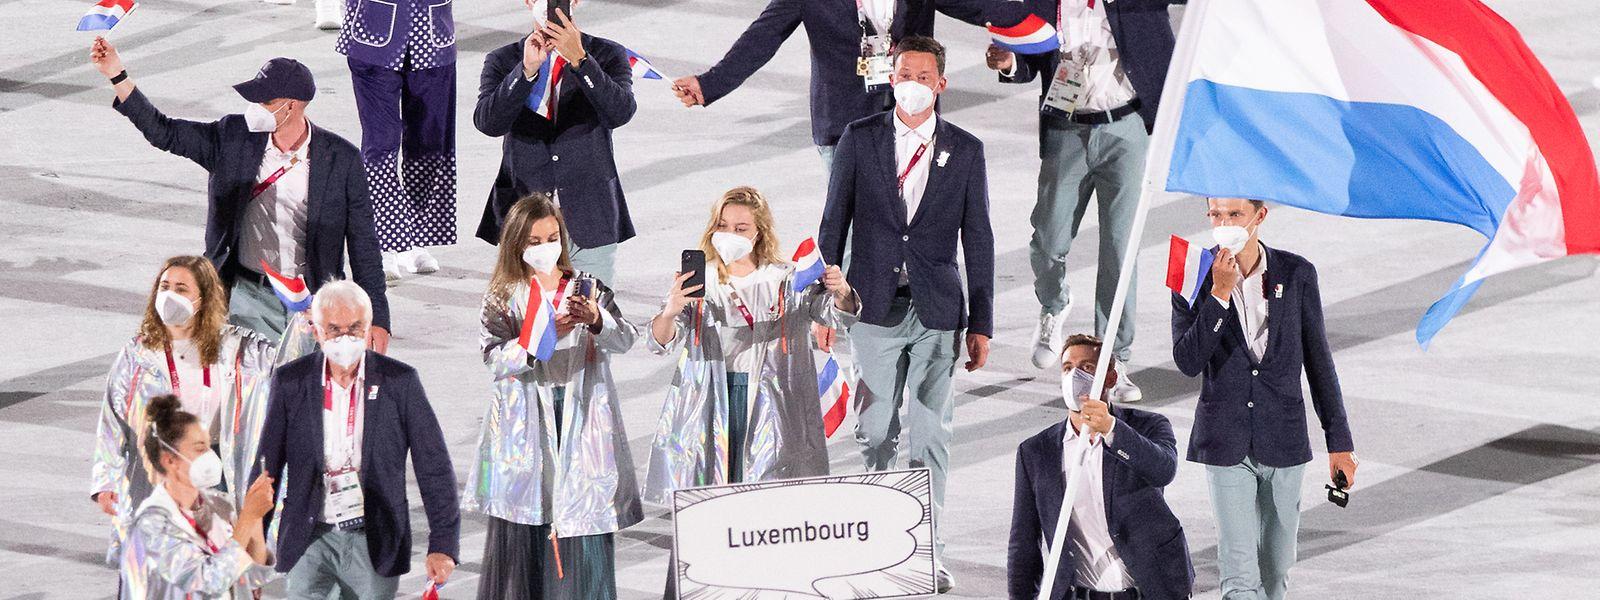 Einmarsch der Luxemburger Delegation.